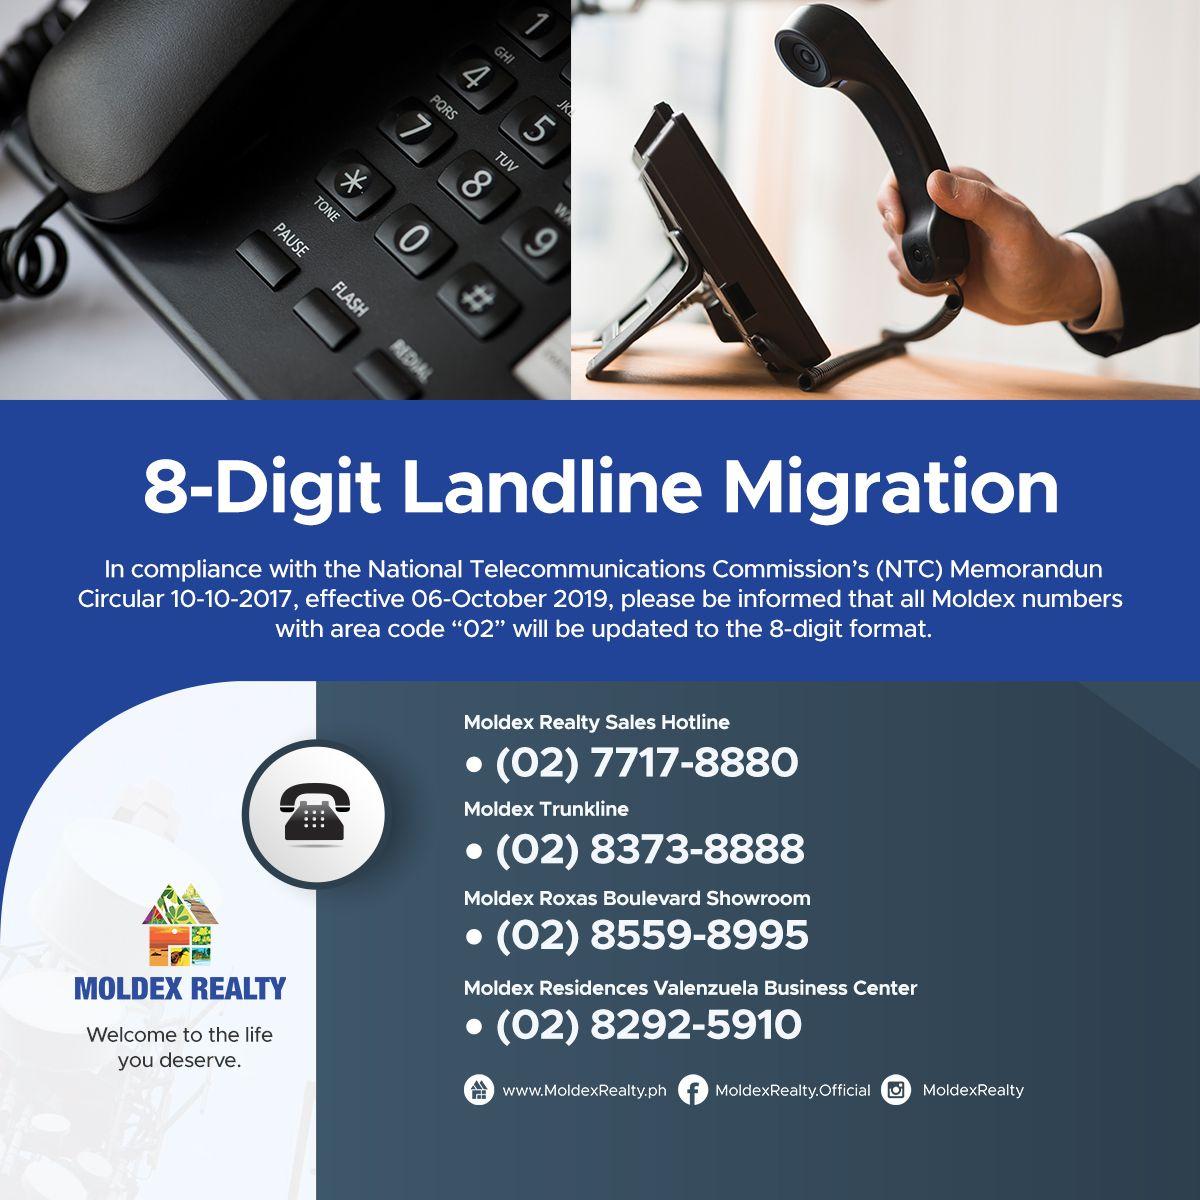 8-Digit Landline Migration